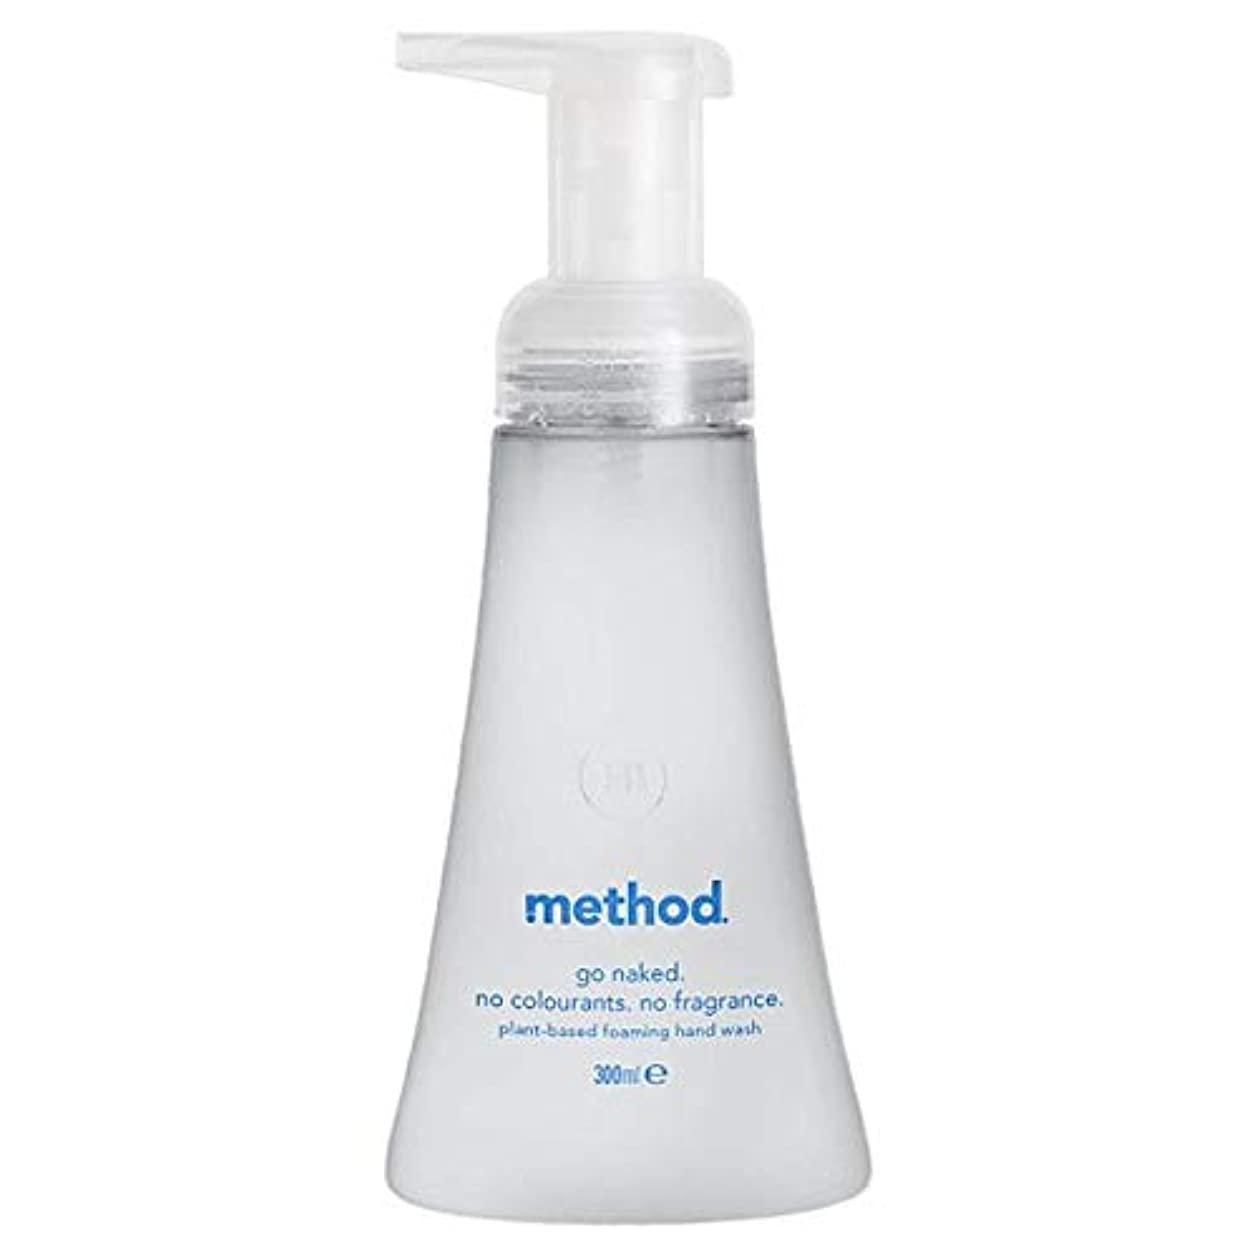 保持ラベル想定する[Method ] メソッド裸発泡手洗いの300ミリリットル - Method Naked Foaming Handwash 300Ml [並行輸入品]